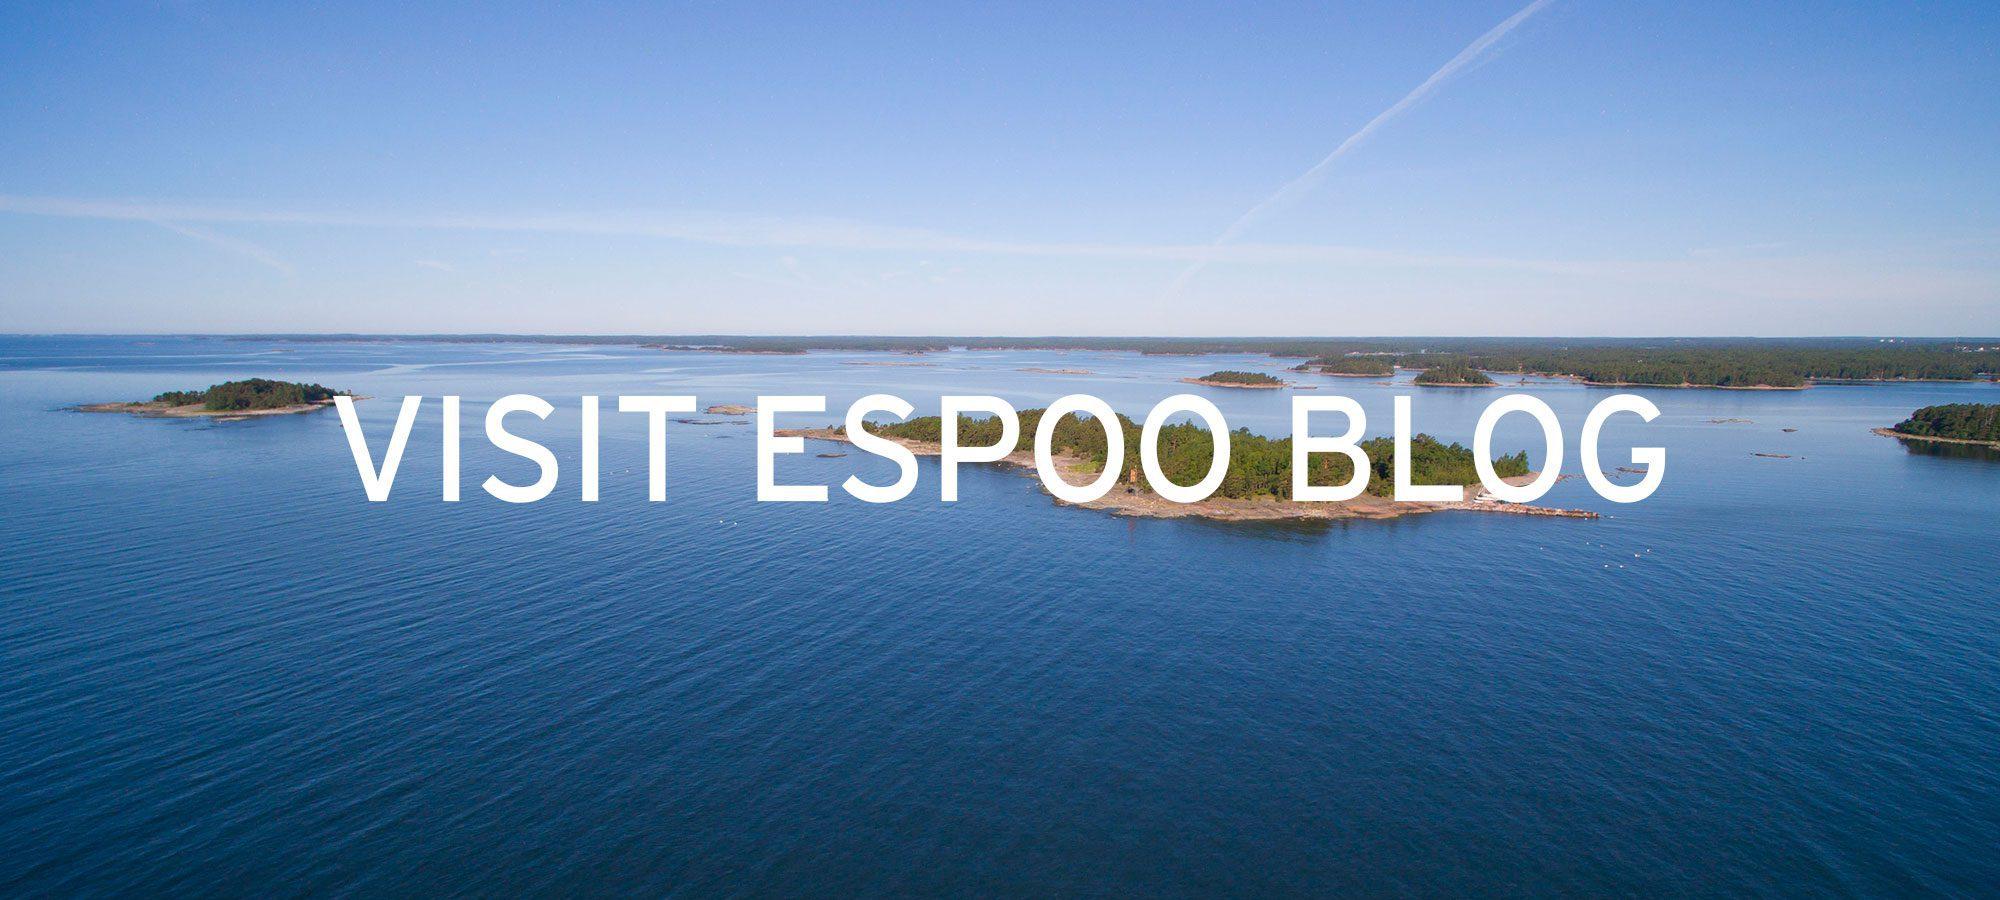 Visit Espoo Blog